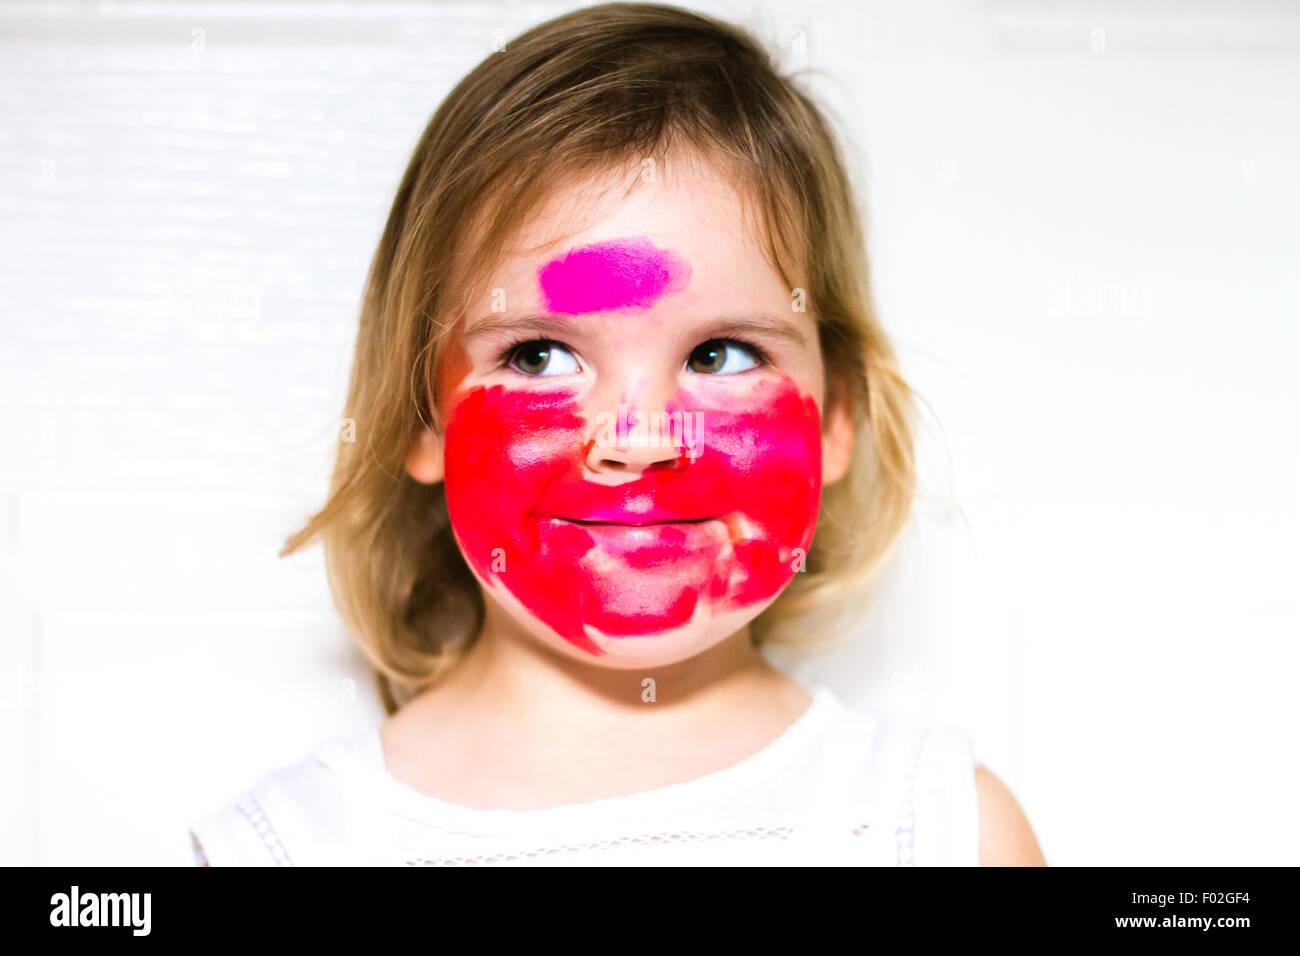 Ritratto di una ragazza con il rossetto tutto il suo volto Immagini Stock